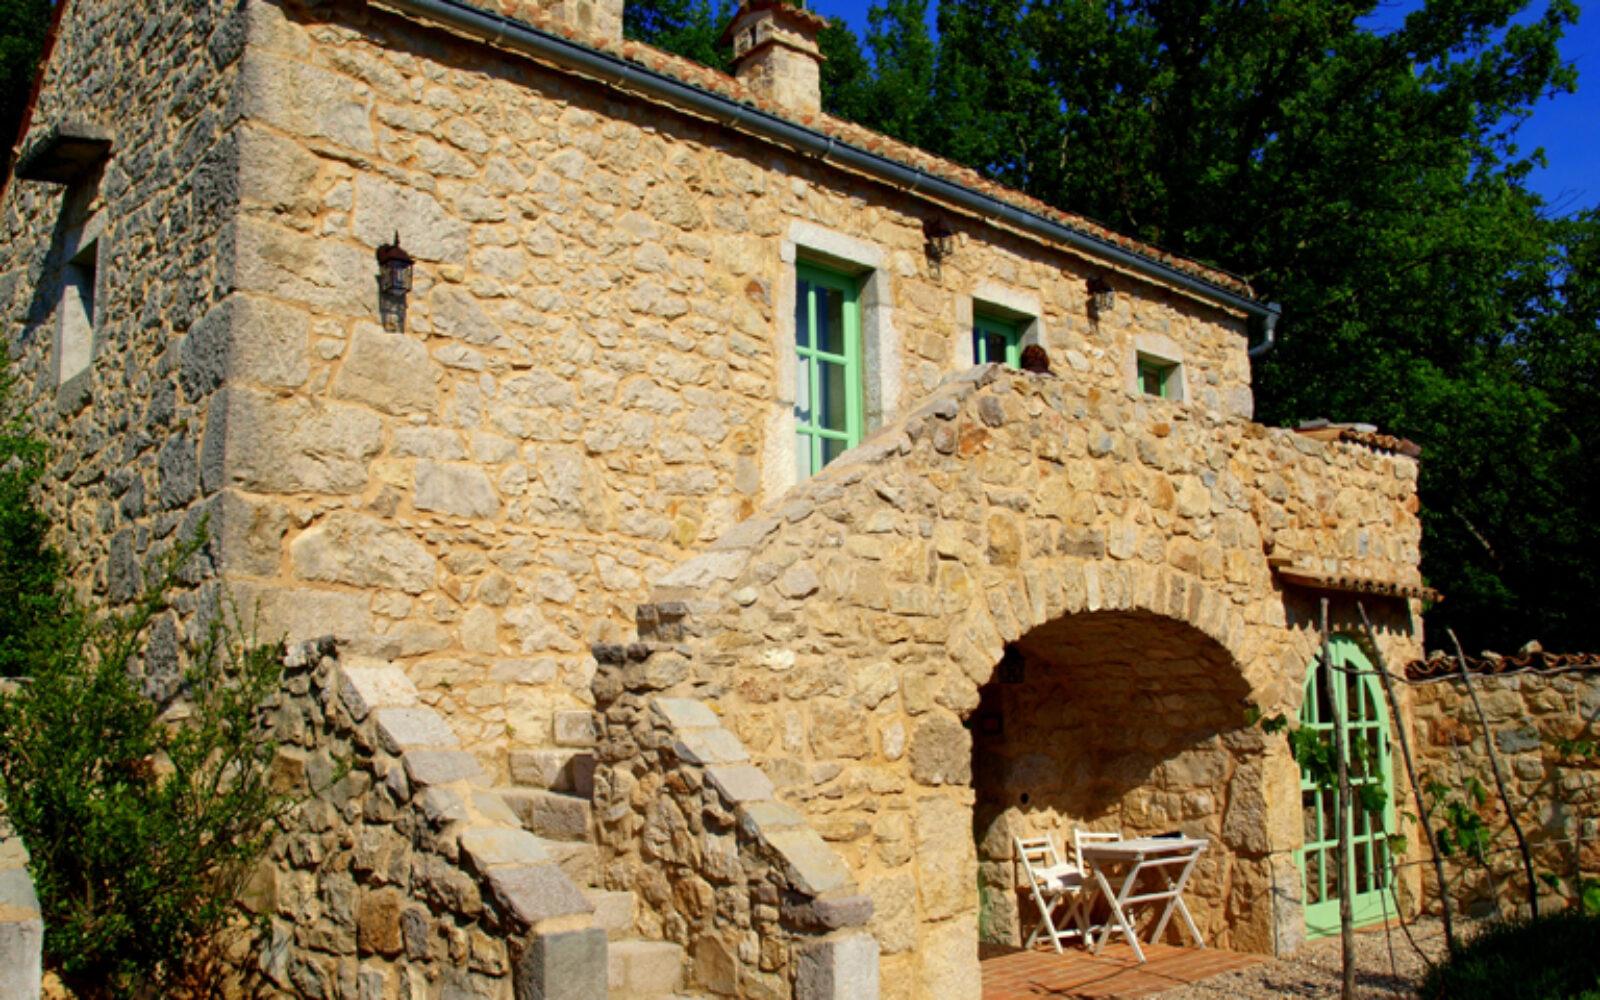 kuće koje nam se sviđaju.. - Page 3 3dbbc2dc69a66703090638e200746efc-1600x1000